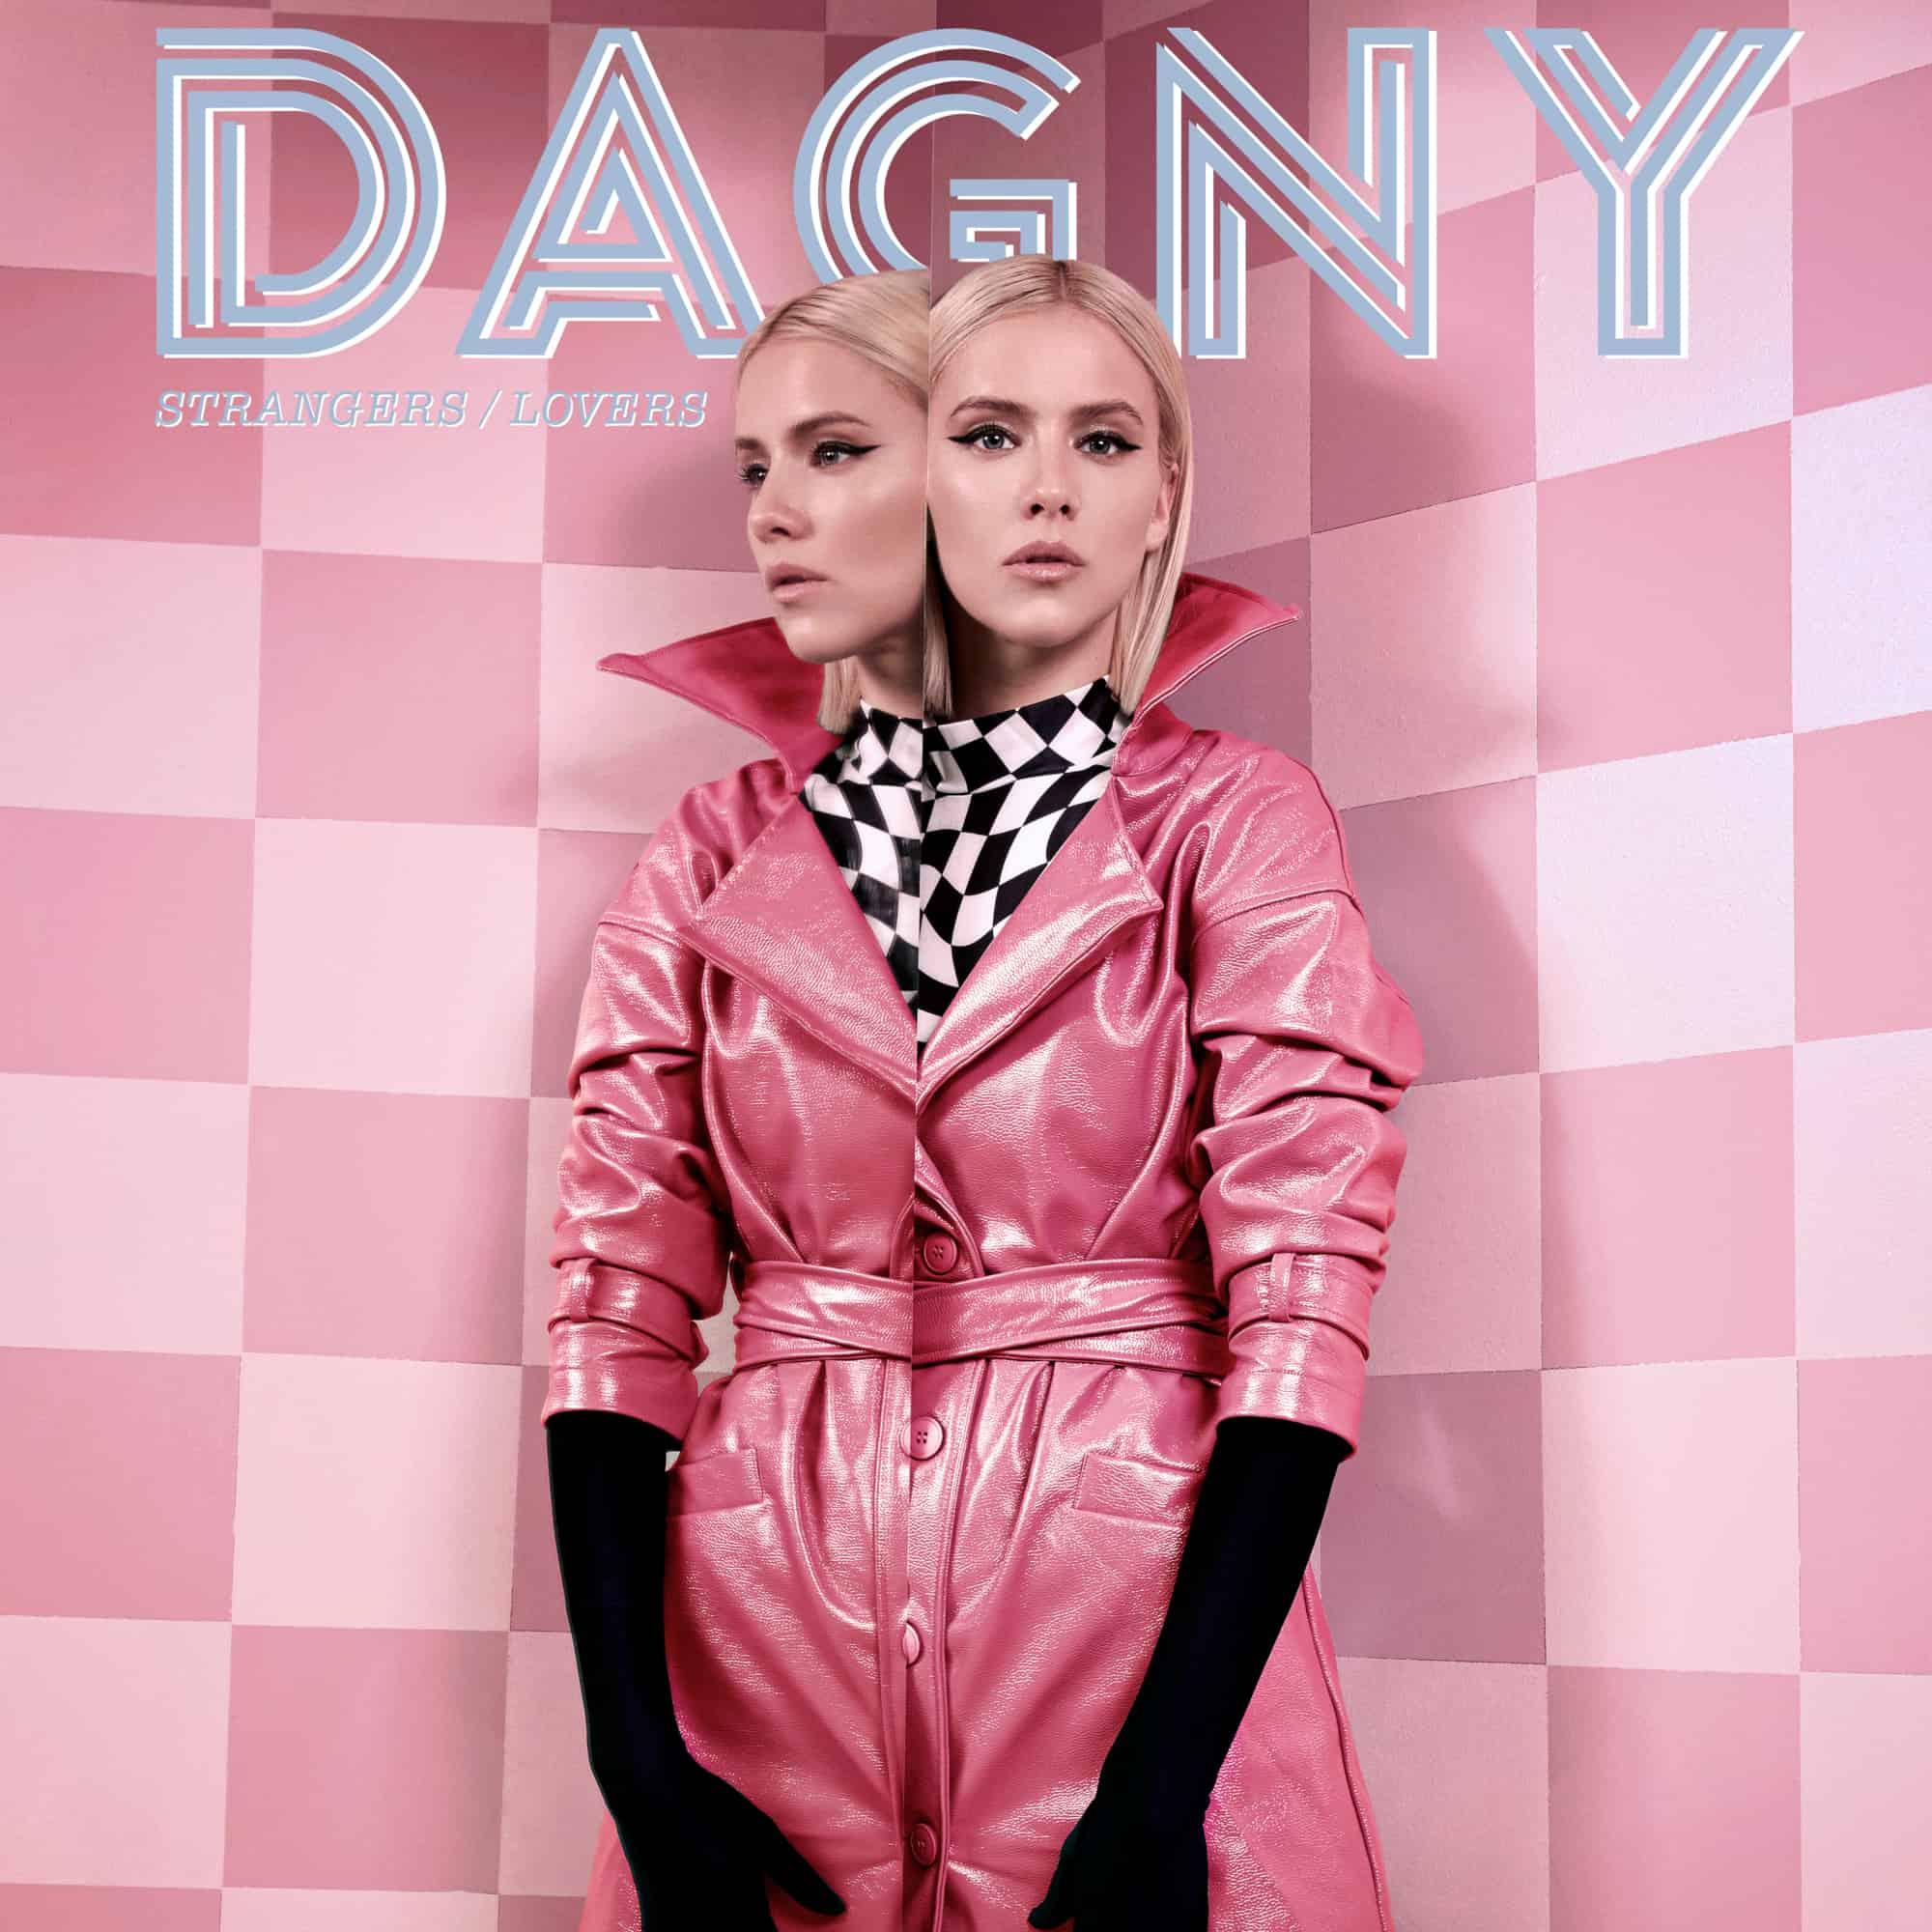 Dagny wydała pierwszą część albumu Strangers  Lovers